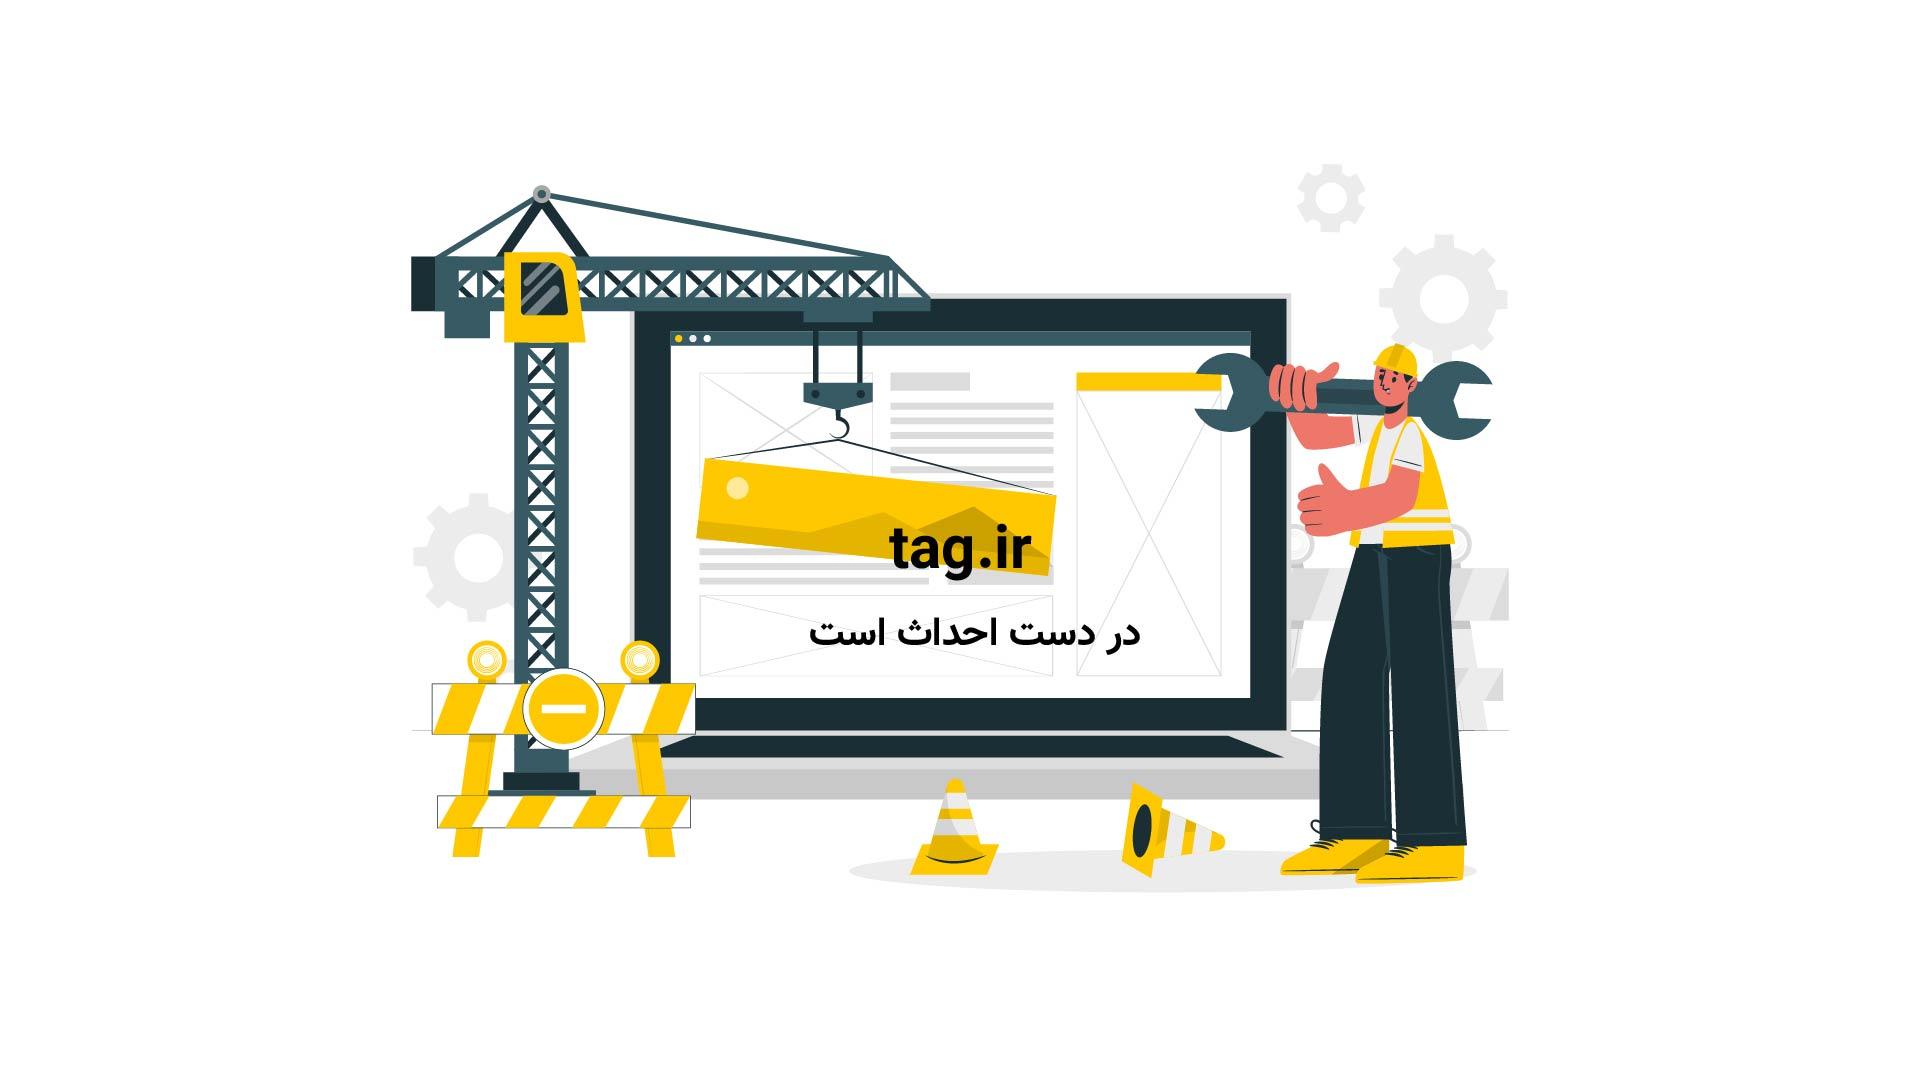 دنیای-کاغذی | تگ